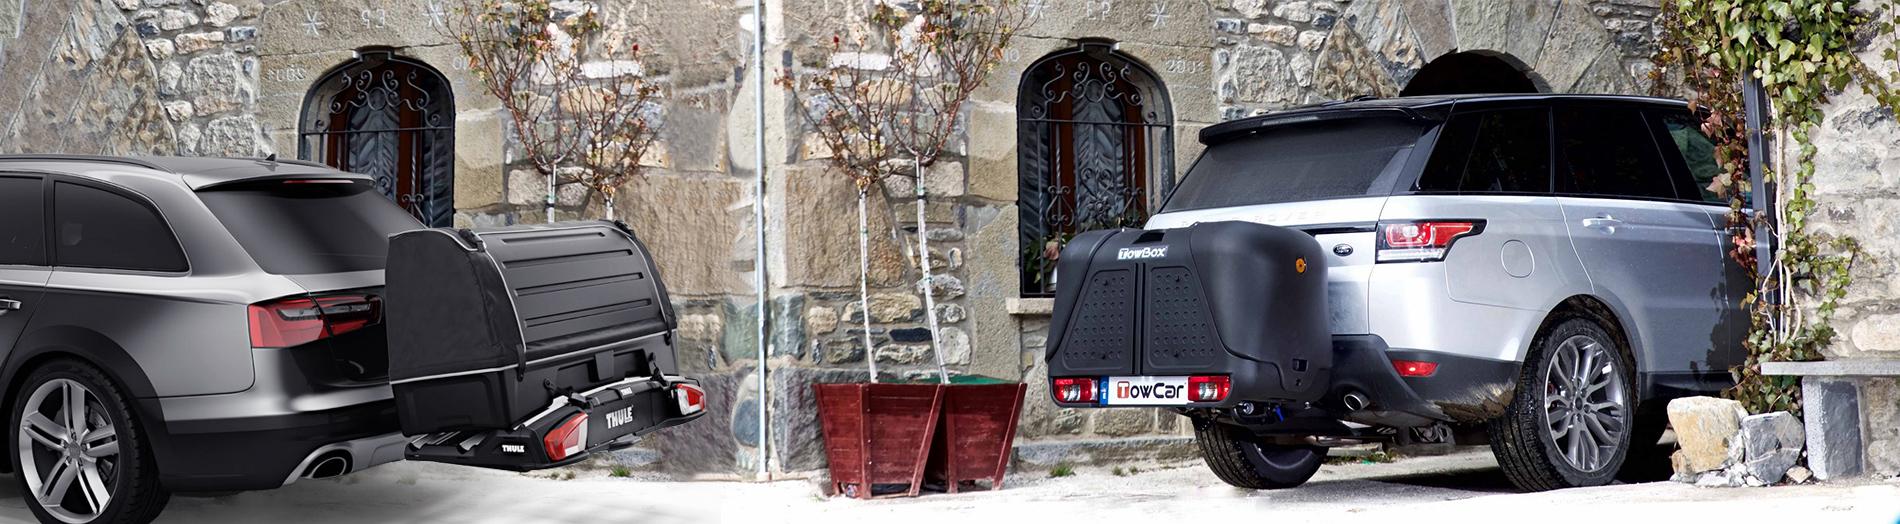 Багажниците за теглич са иновация при автобоксовете и кутиите за багаж и се монтират на теглич